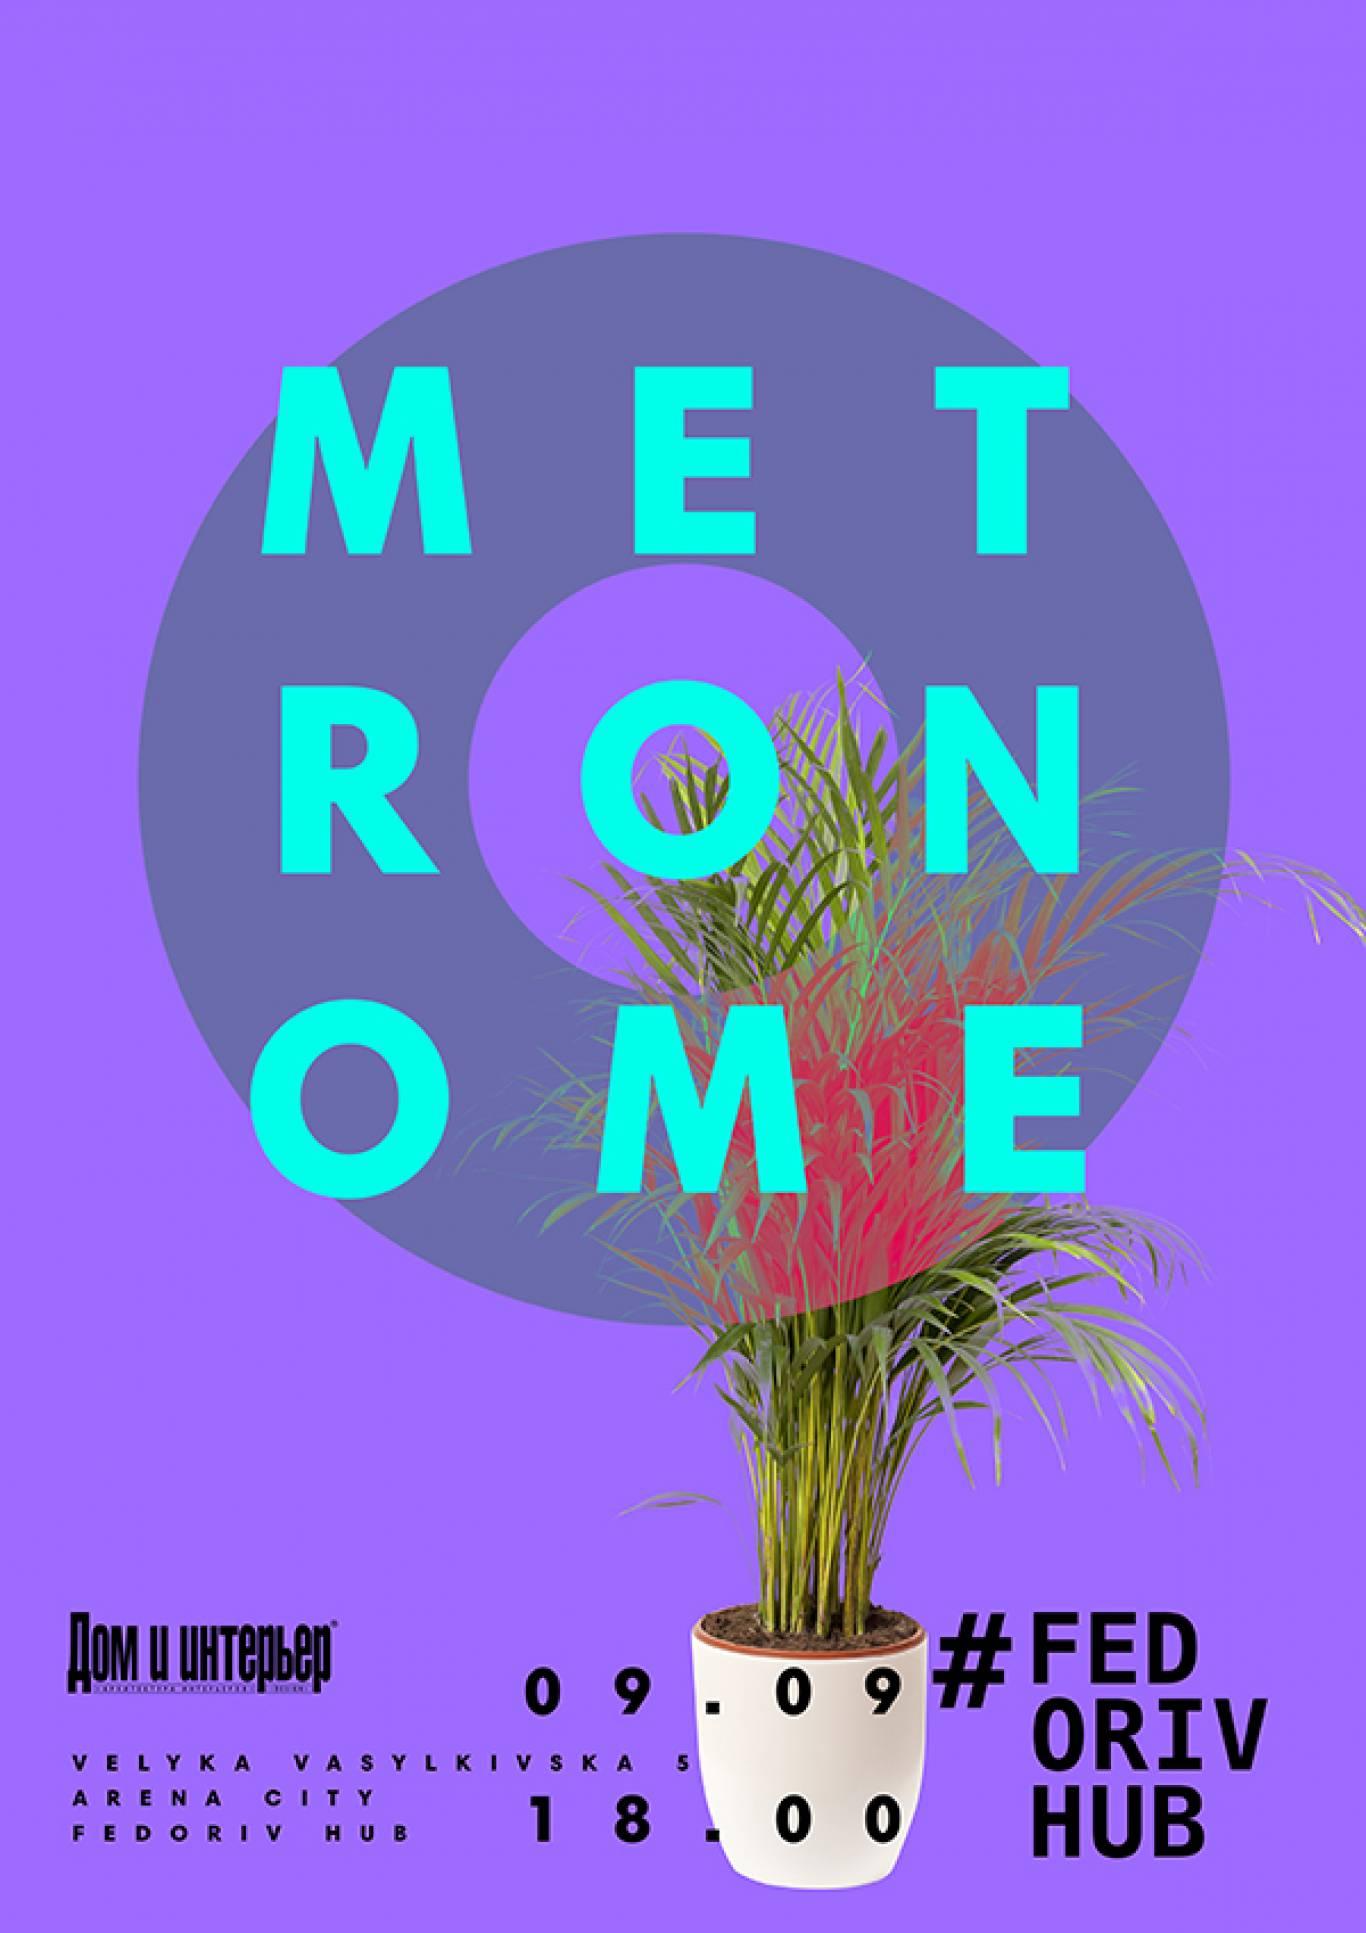 Творча зустріч архітекторів METRONOME